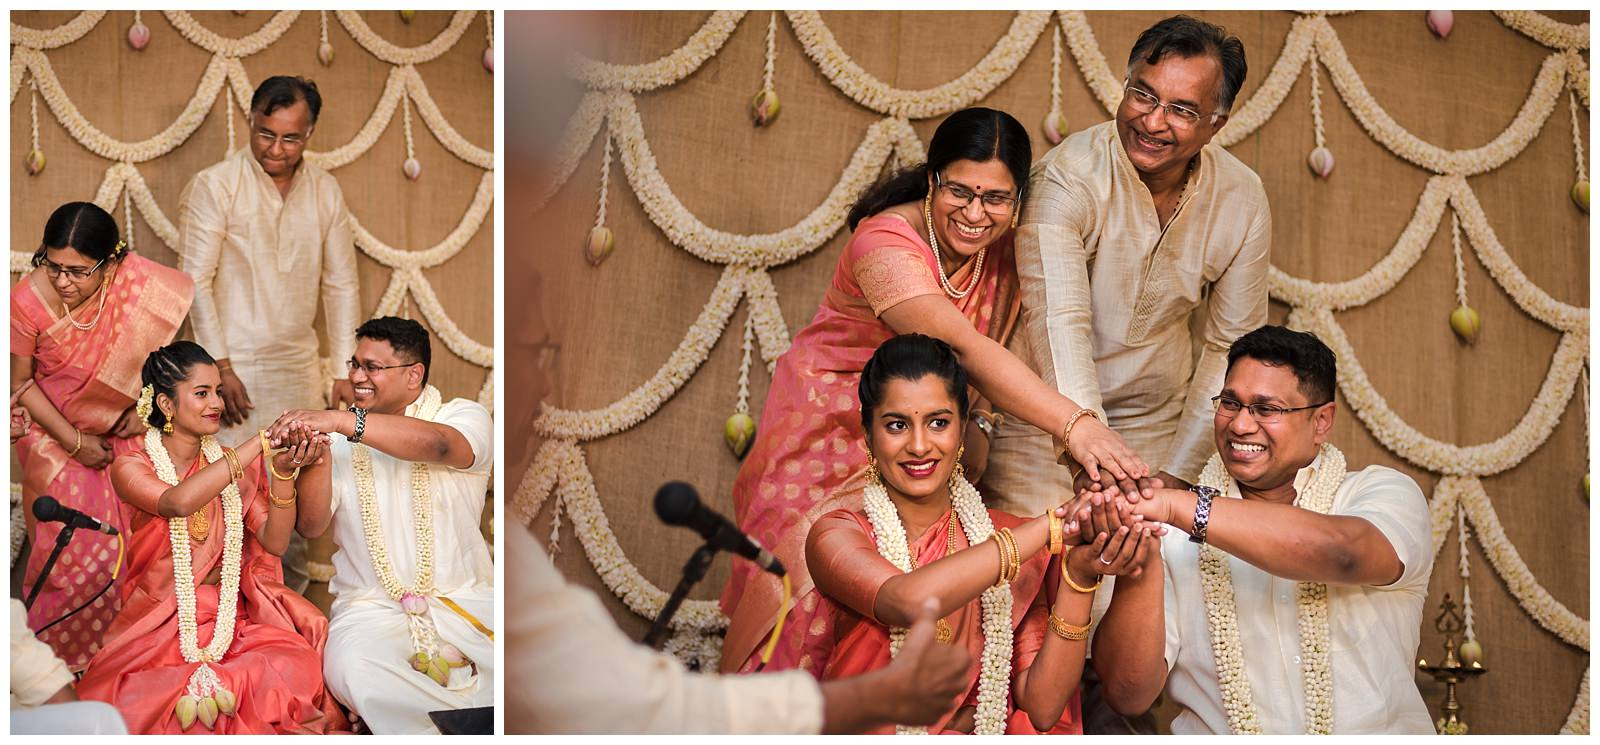 22012018-Siddharth-Shradha-Wedding-Candid-VR185-351-32.jpg